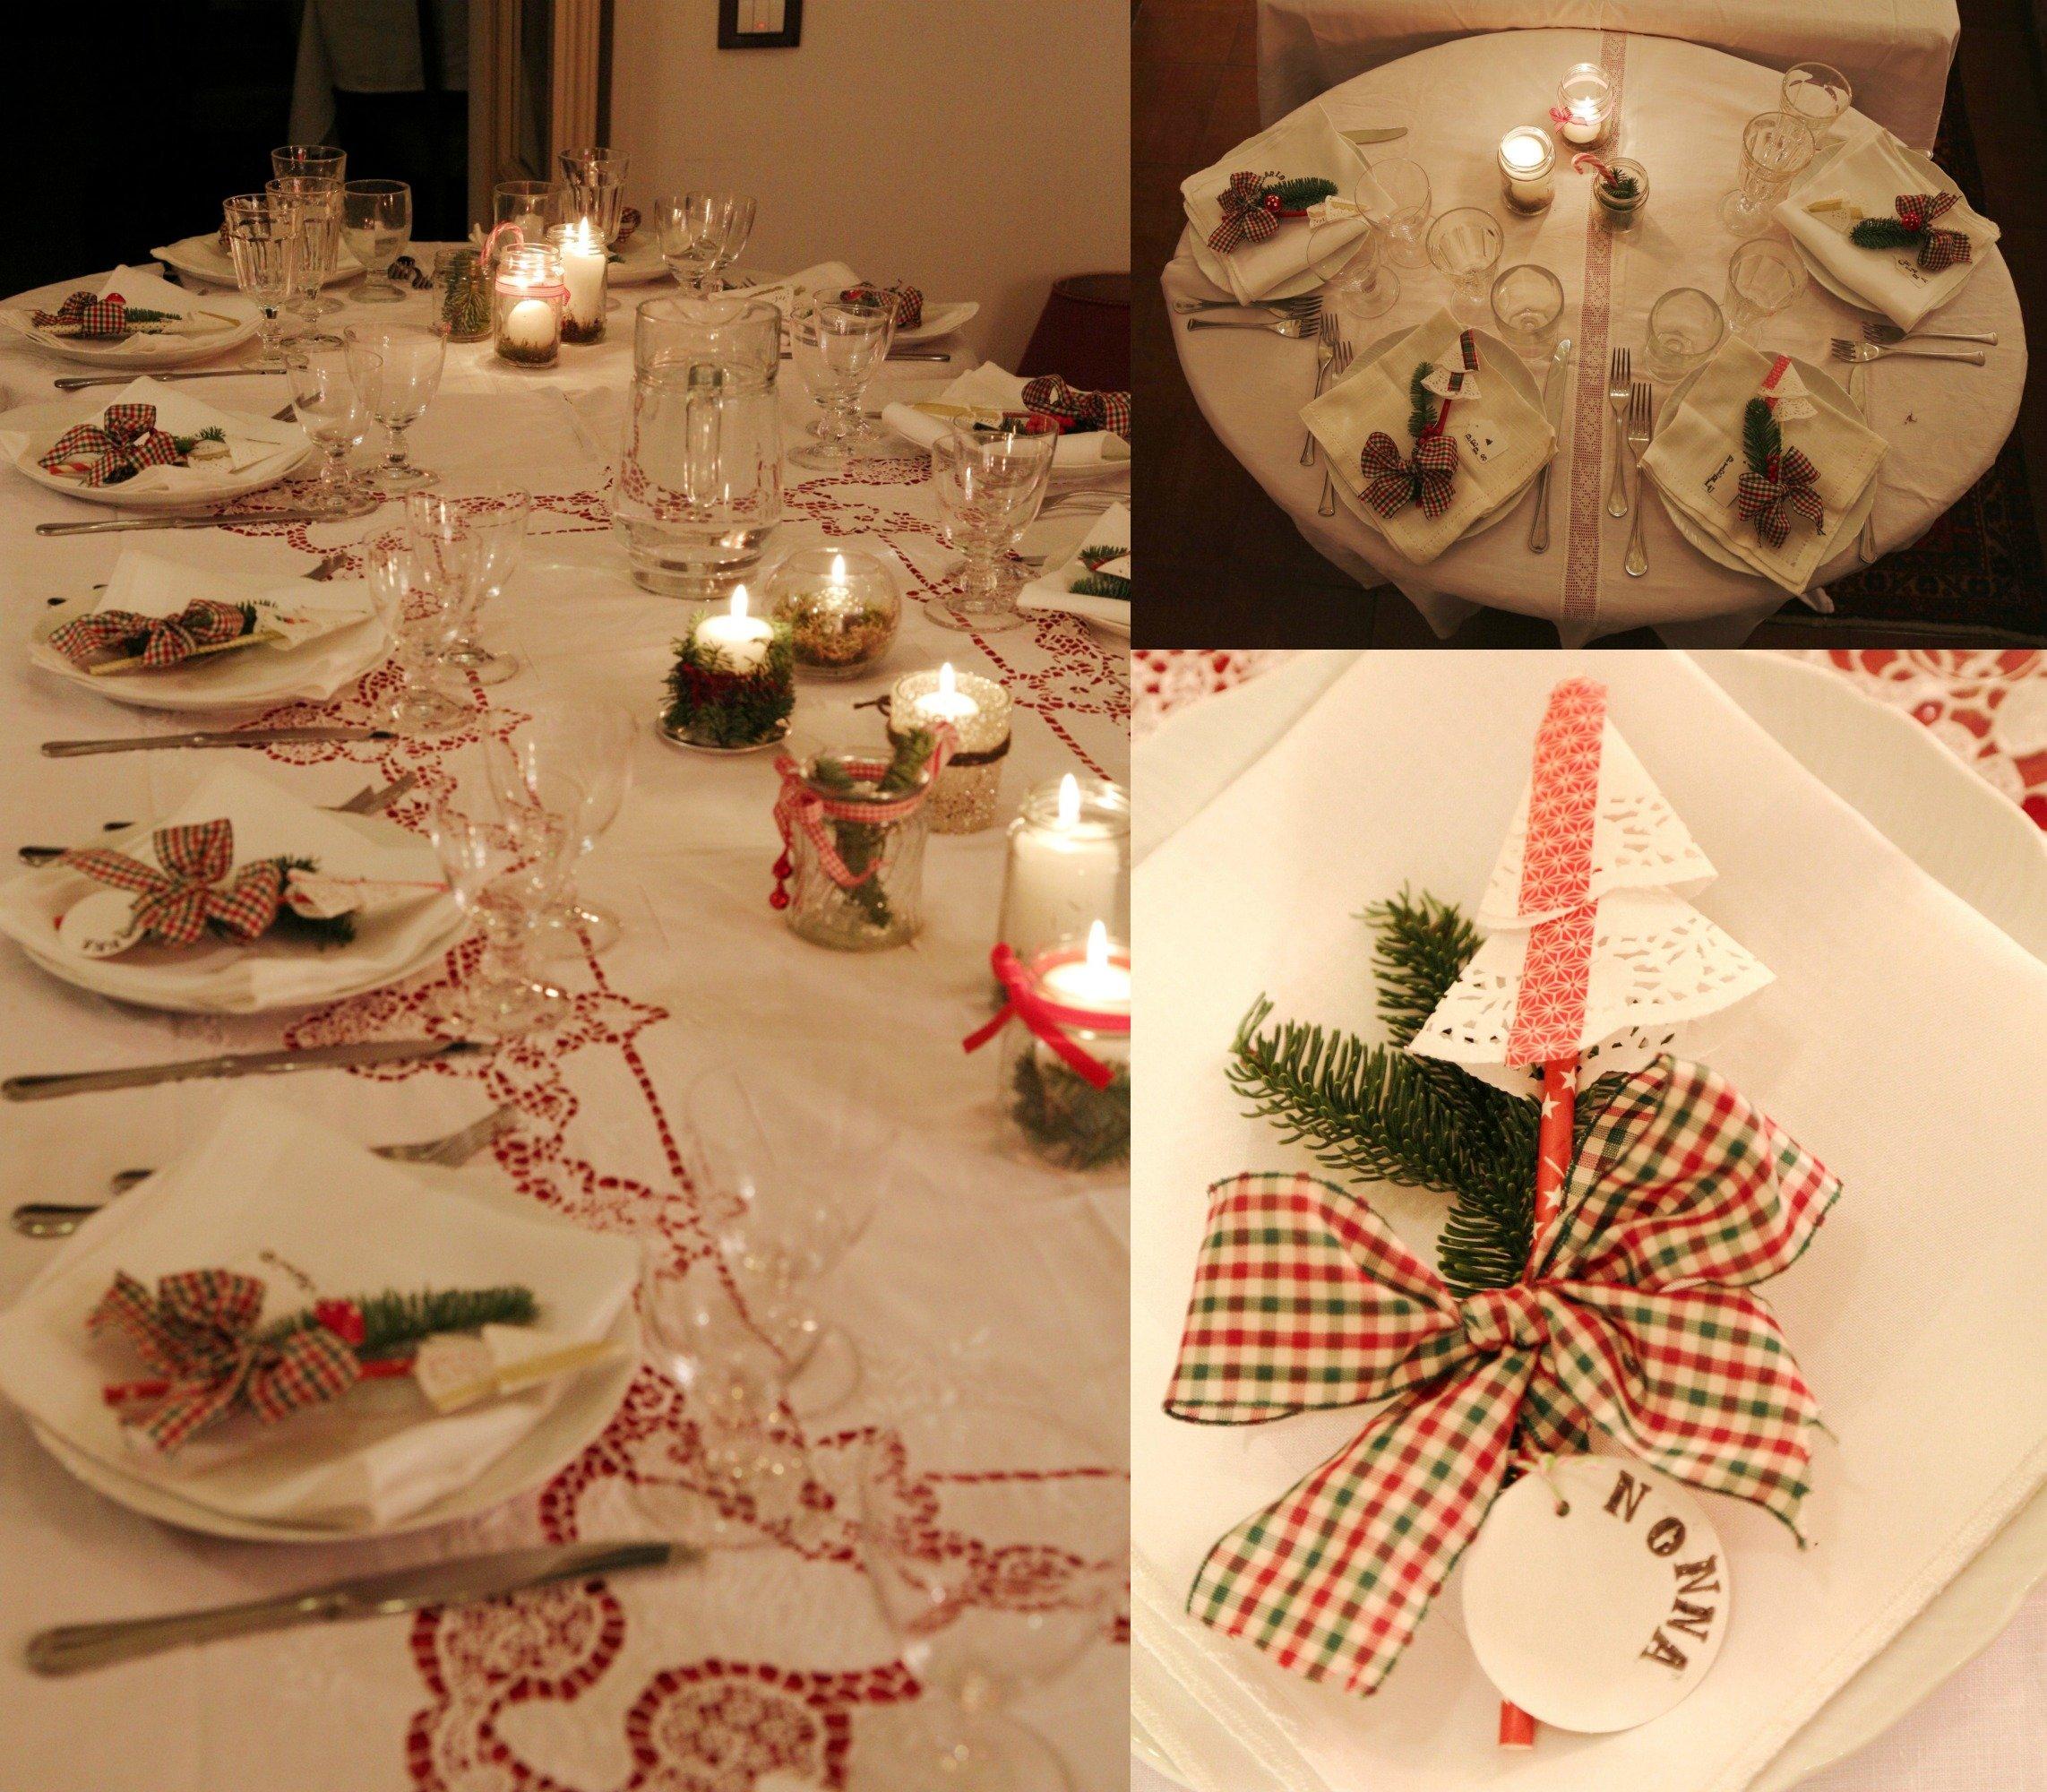 Decorazione tavola a casa di ro - Decorazioni tavola capodanno fai da te ...